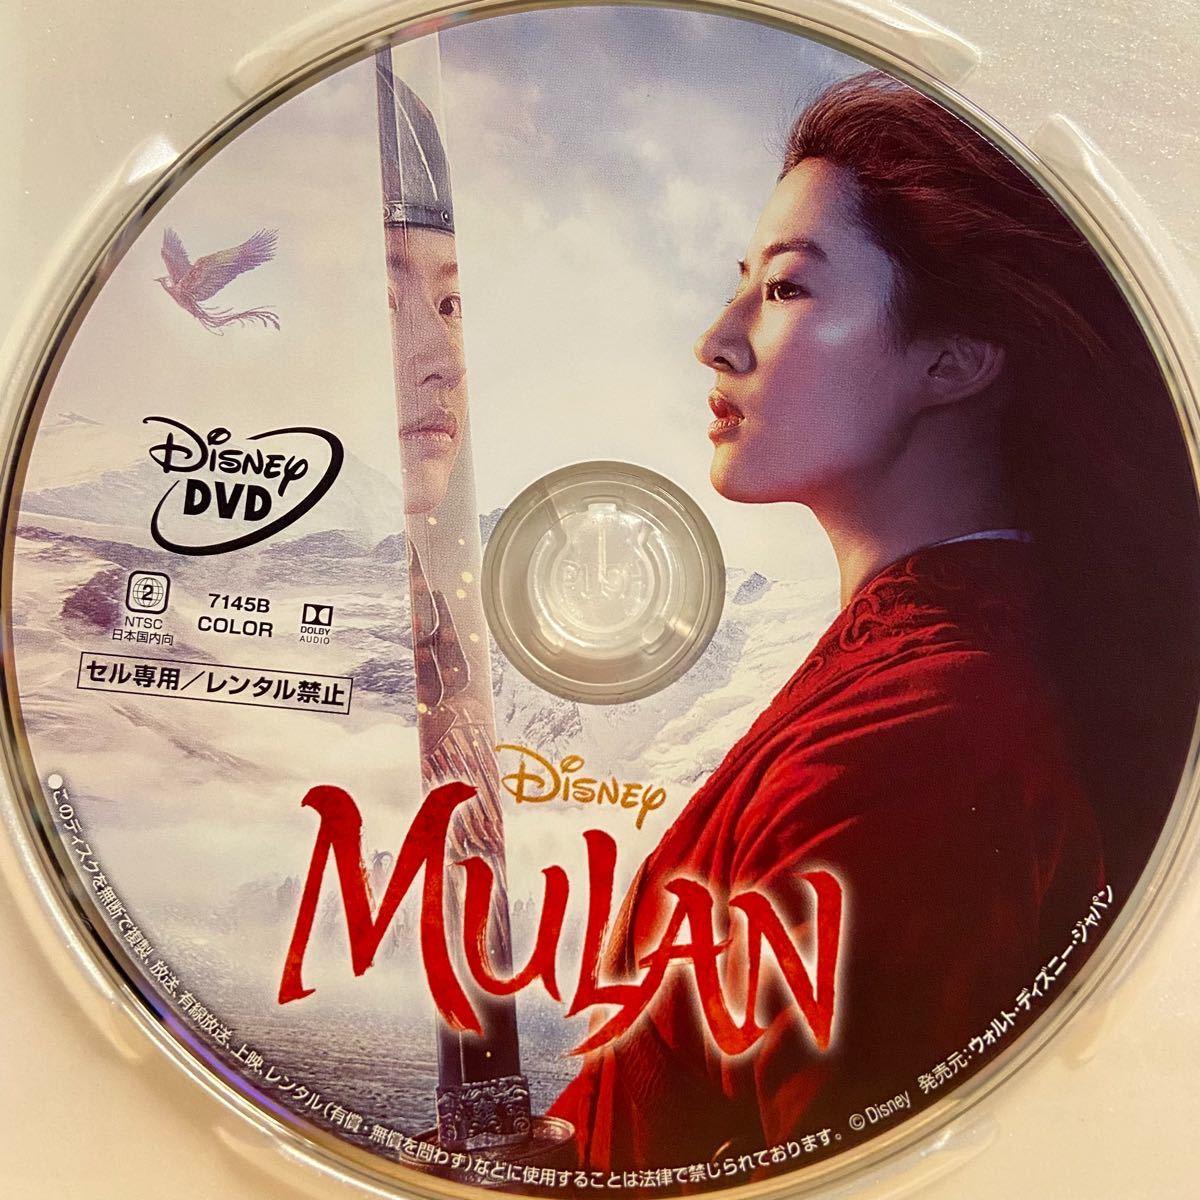 【専用】実写版 ライオンキング(ブルーレイのみ)+実写版 ムーラン(DVDのみ)